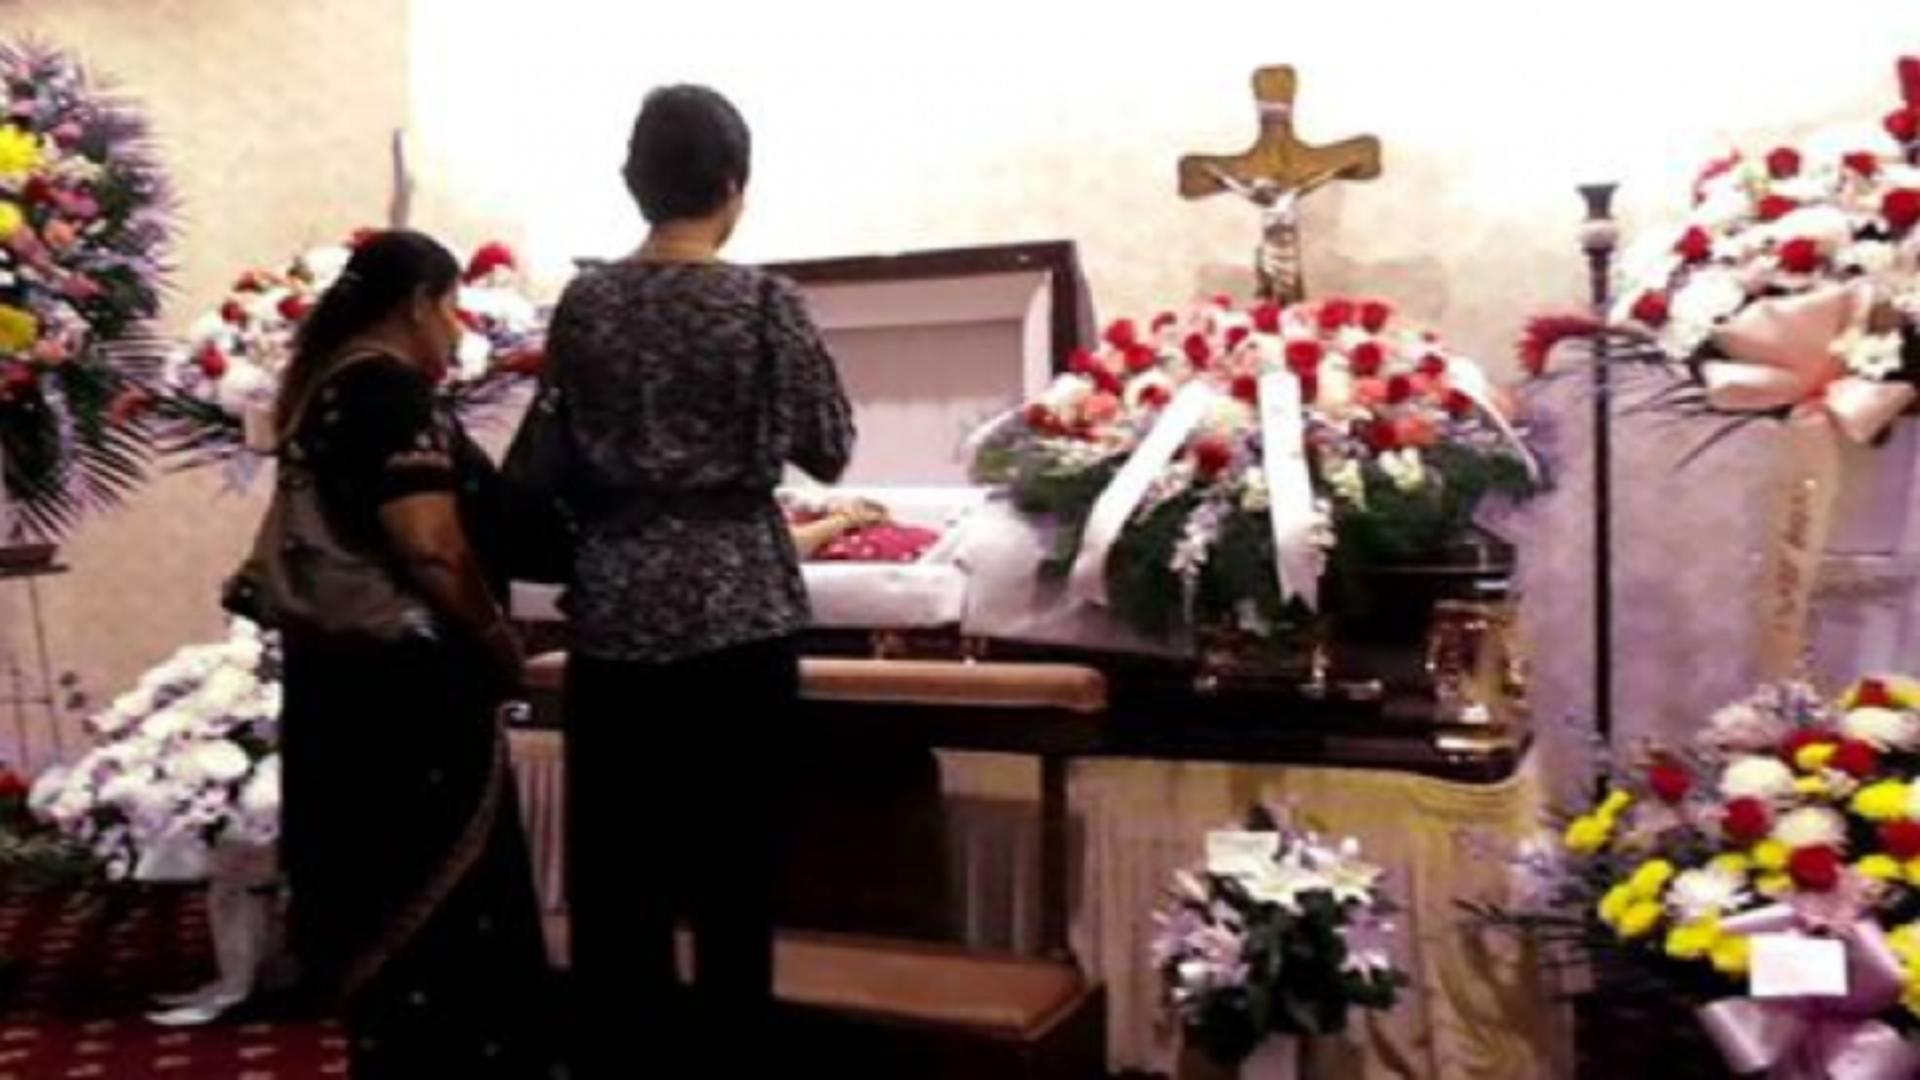 O întâmplare stranie a avut loc la înmormântarea unei bătrâne de 101 ani